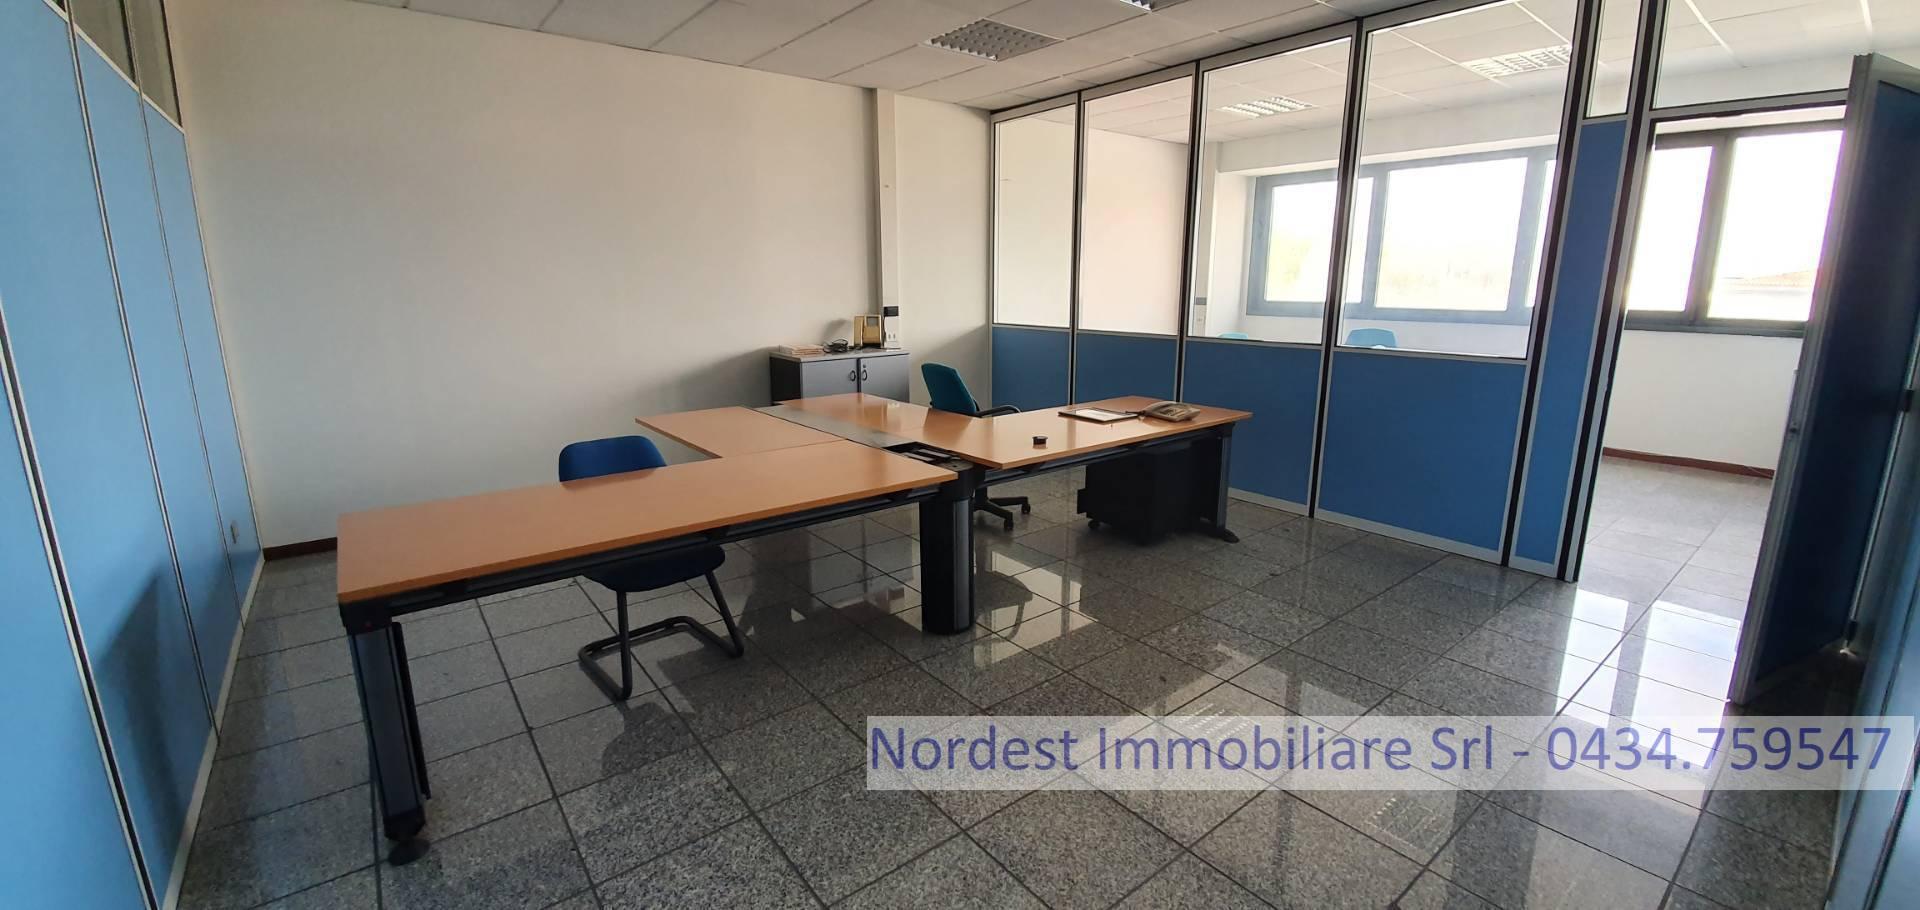 Ufficio / Studio in affitto a Prata di Pordenone, 9999 locali, prezzo € 600 | CambioCasa.it